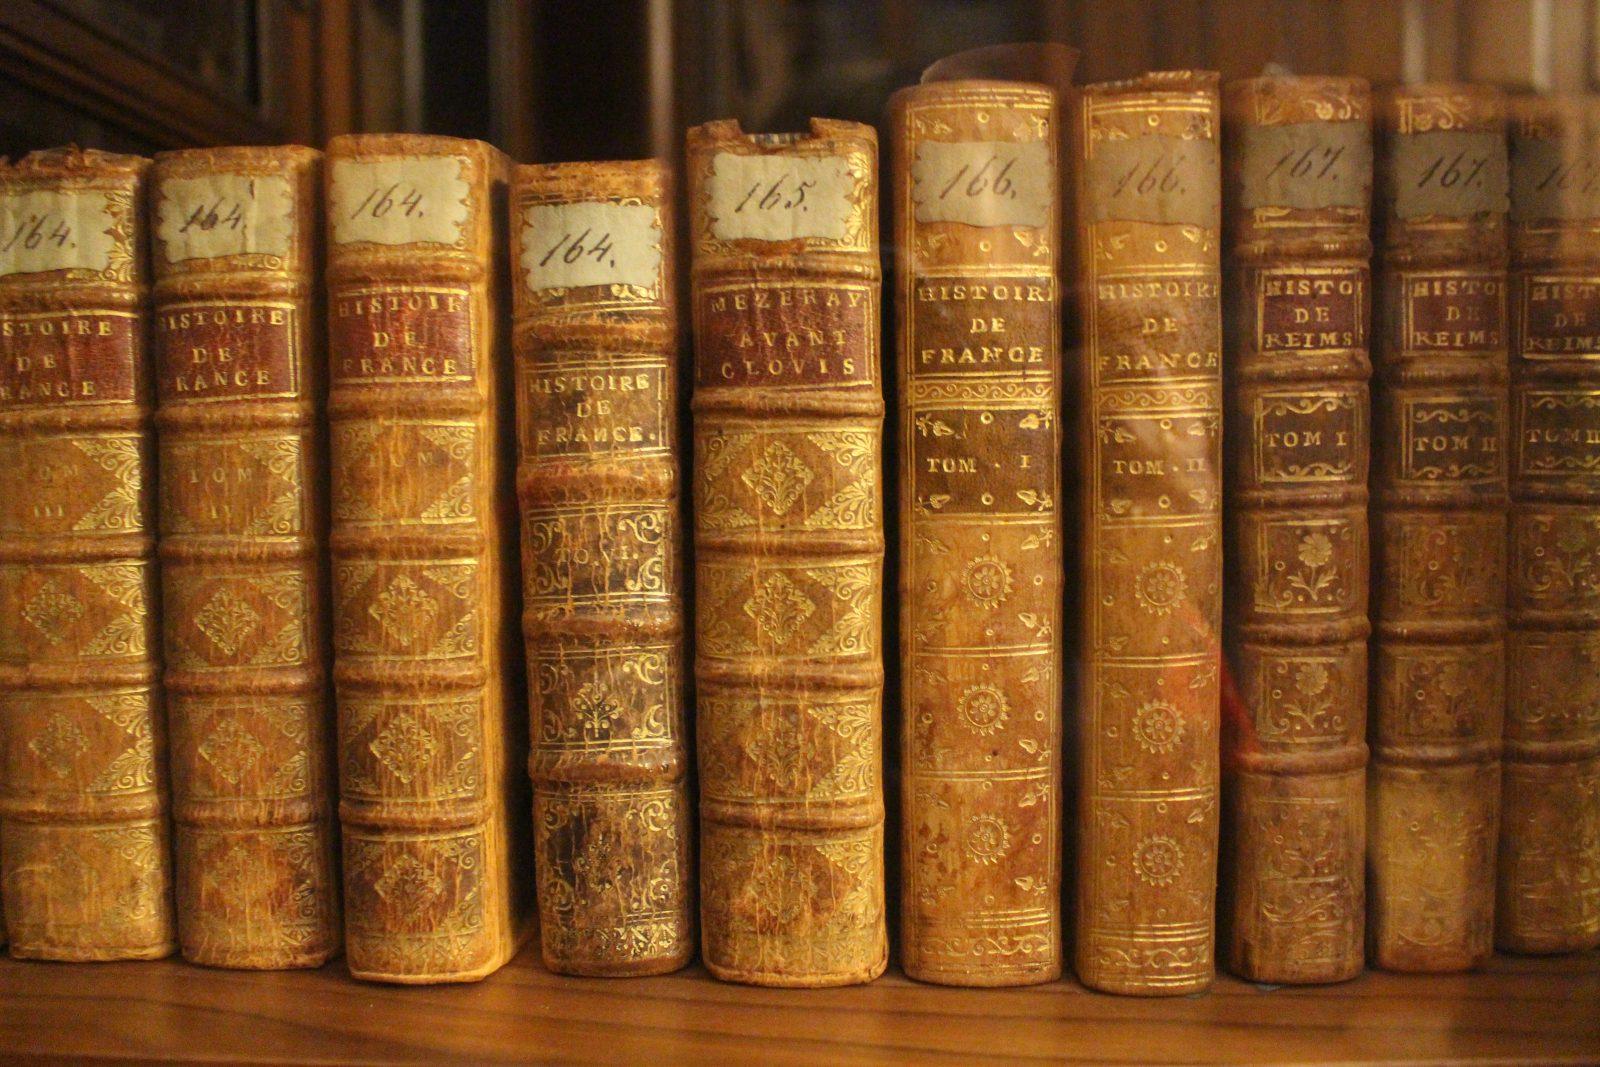 Saint-petersbourg Bibliothèque de Voltaire